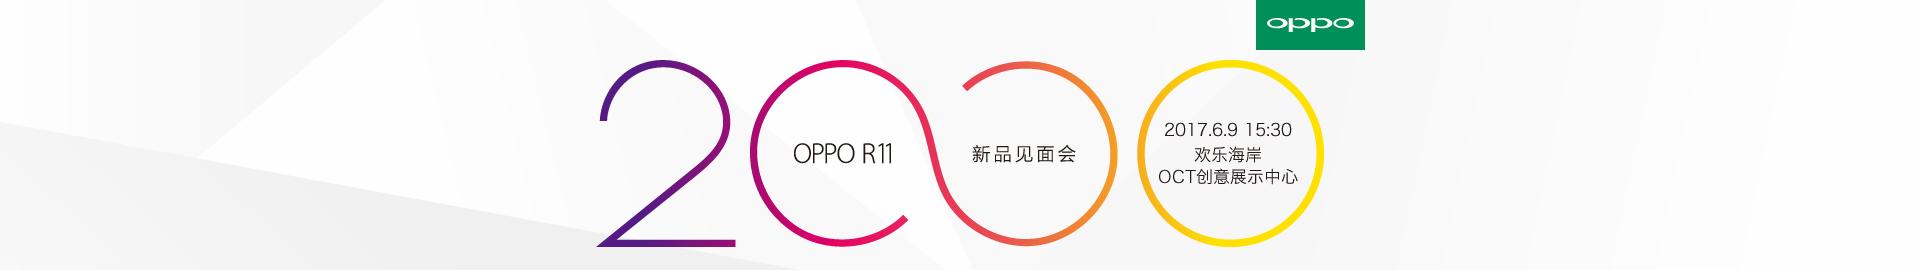 前后2000万拍照 OPPO R11新品见面会直播